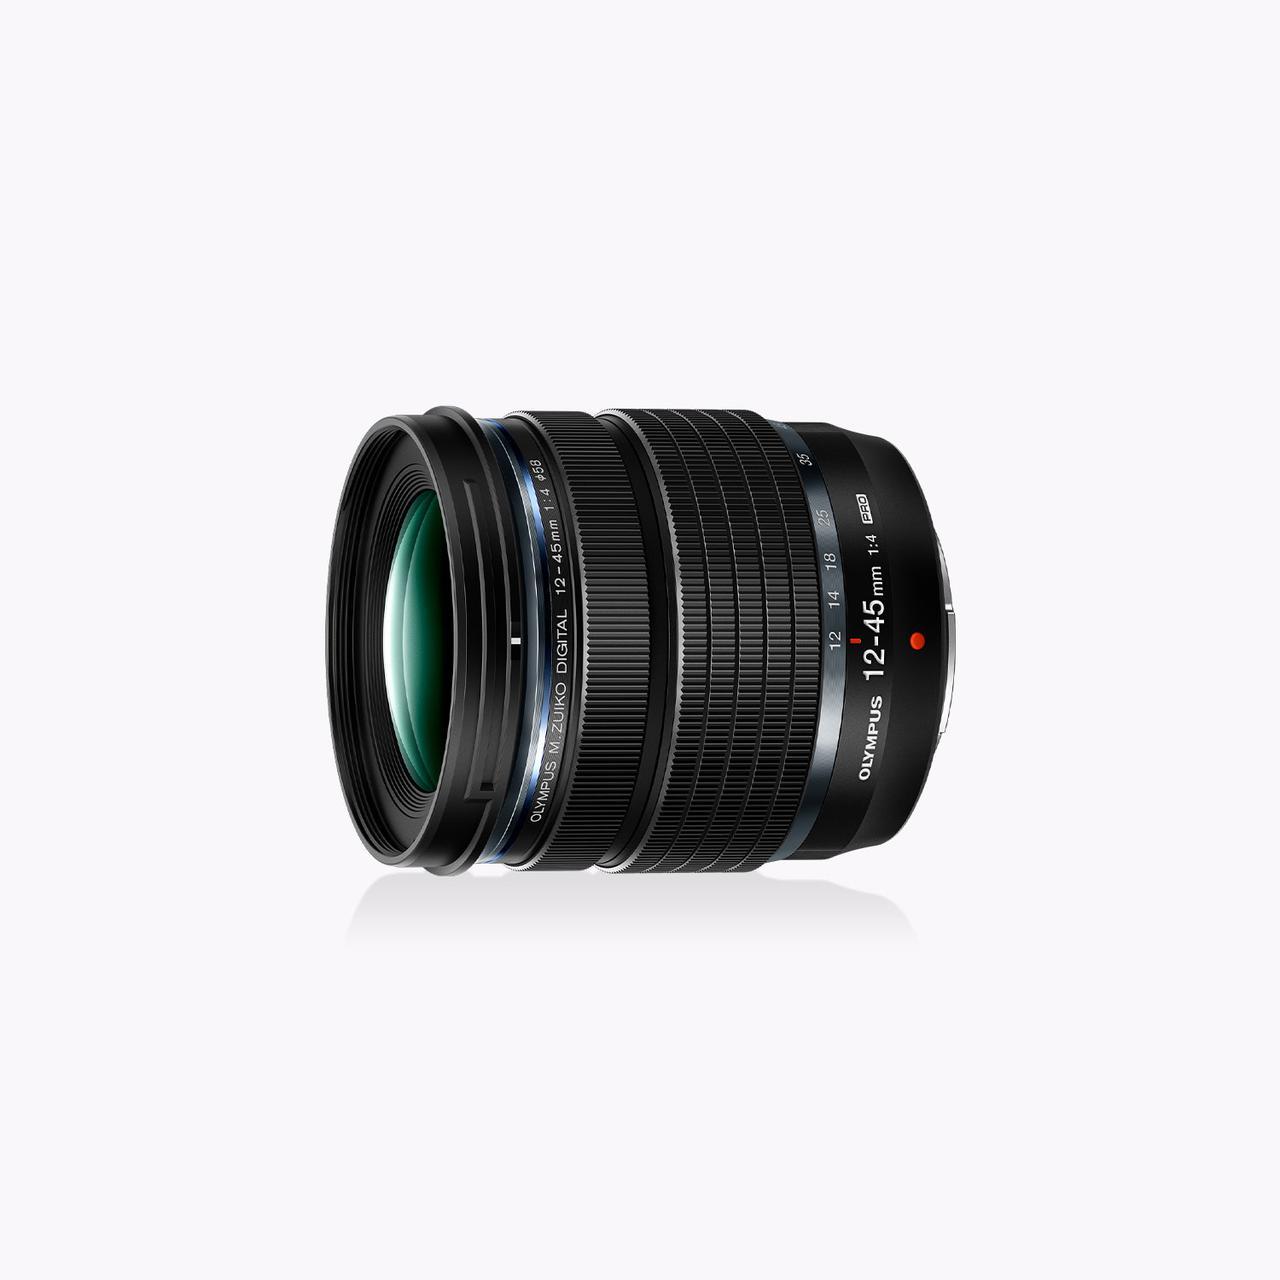 画像: 交換レンズ M.ZUIKO DIGITAL ED 12-45mm F4.0 PRO | M.ZUIKO PRO | オリンパス